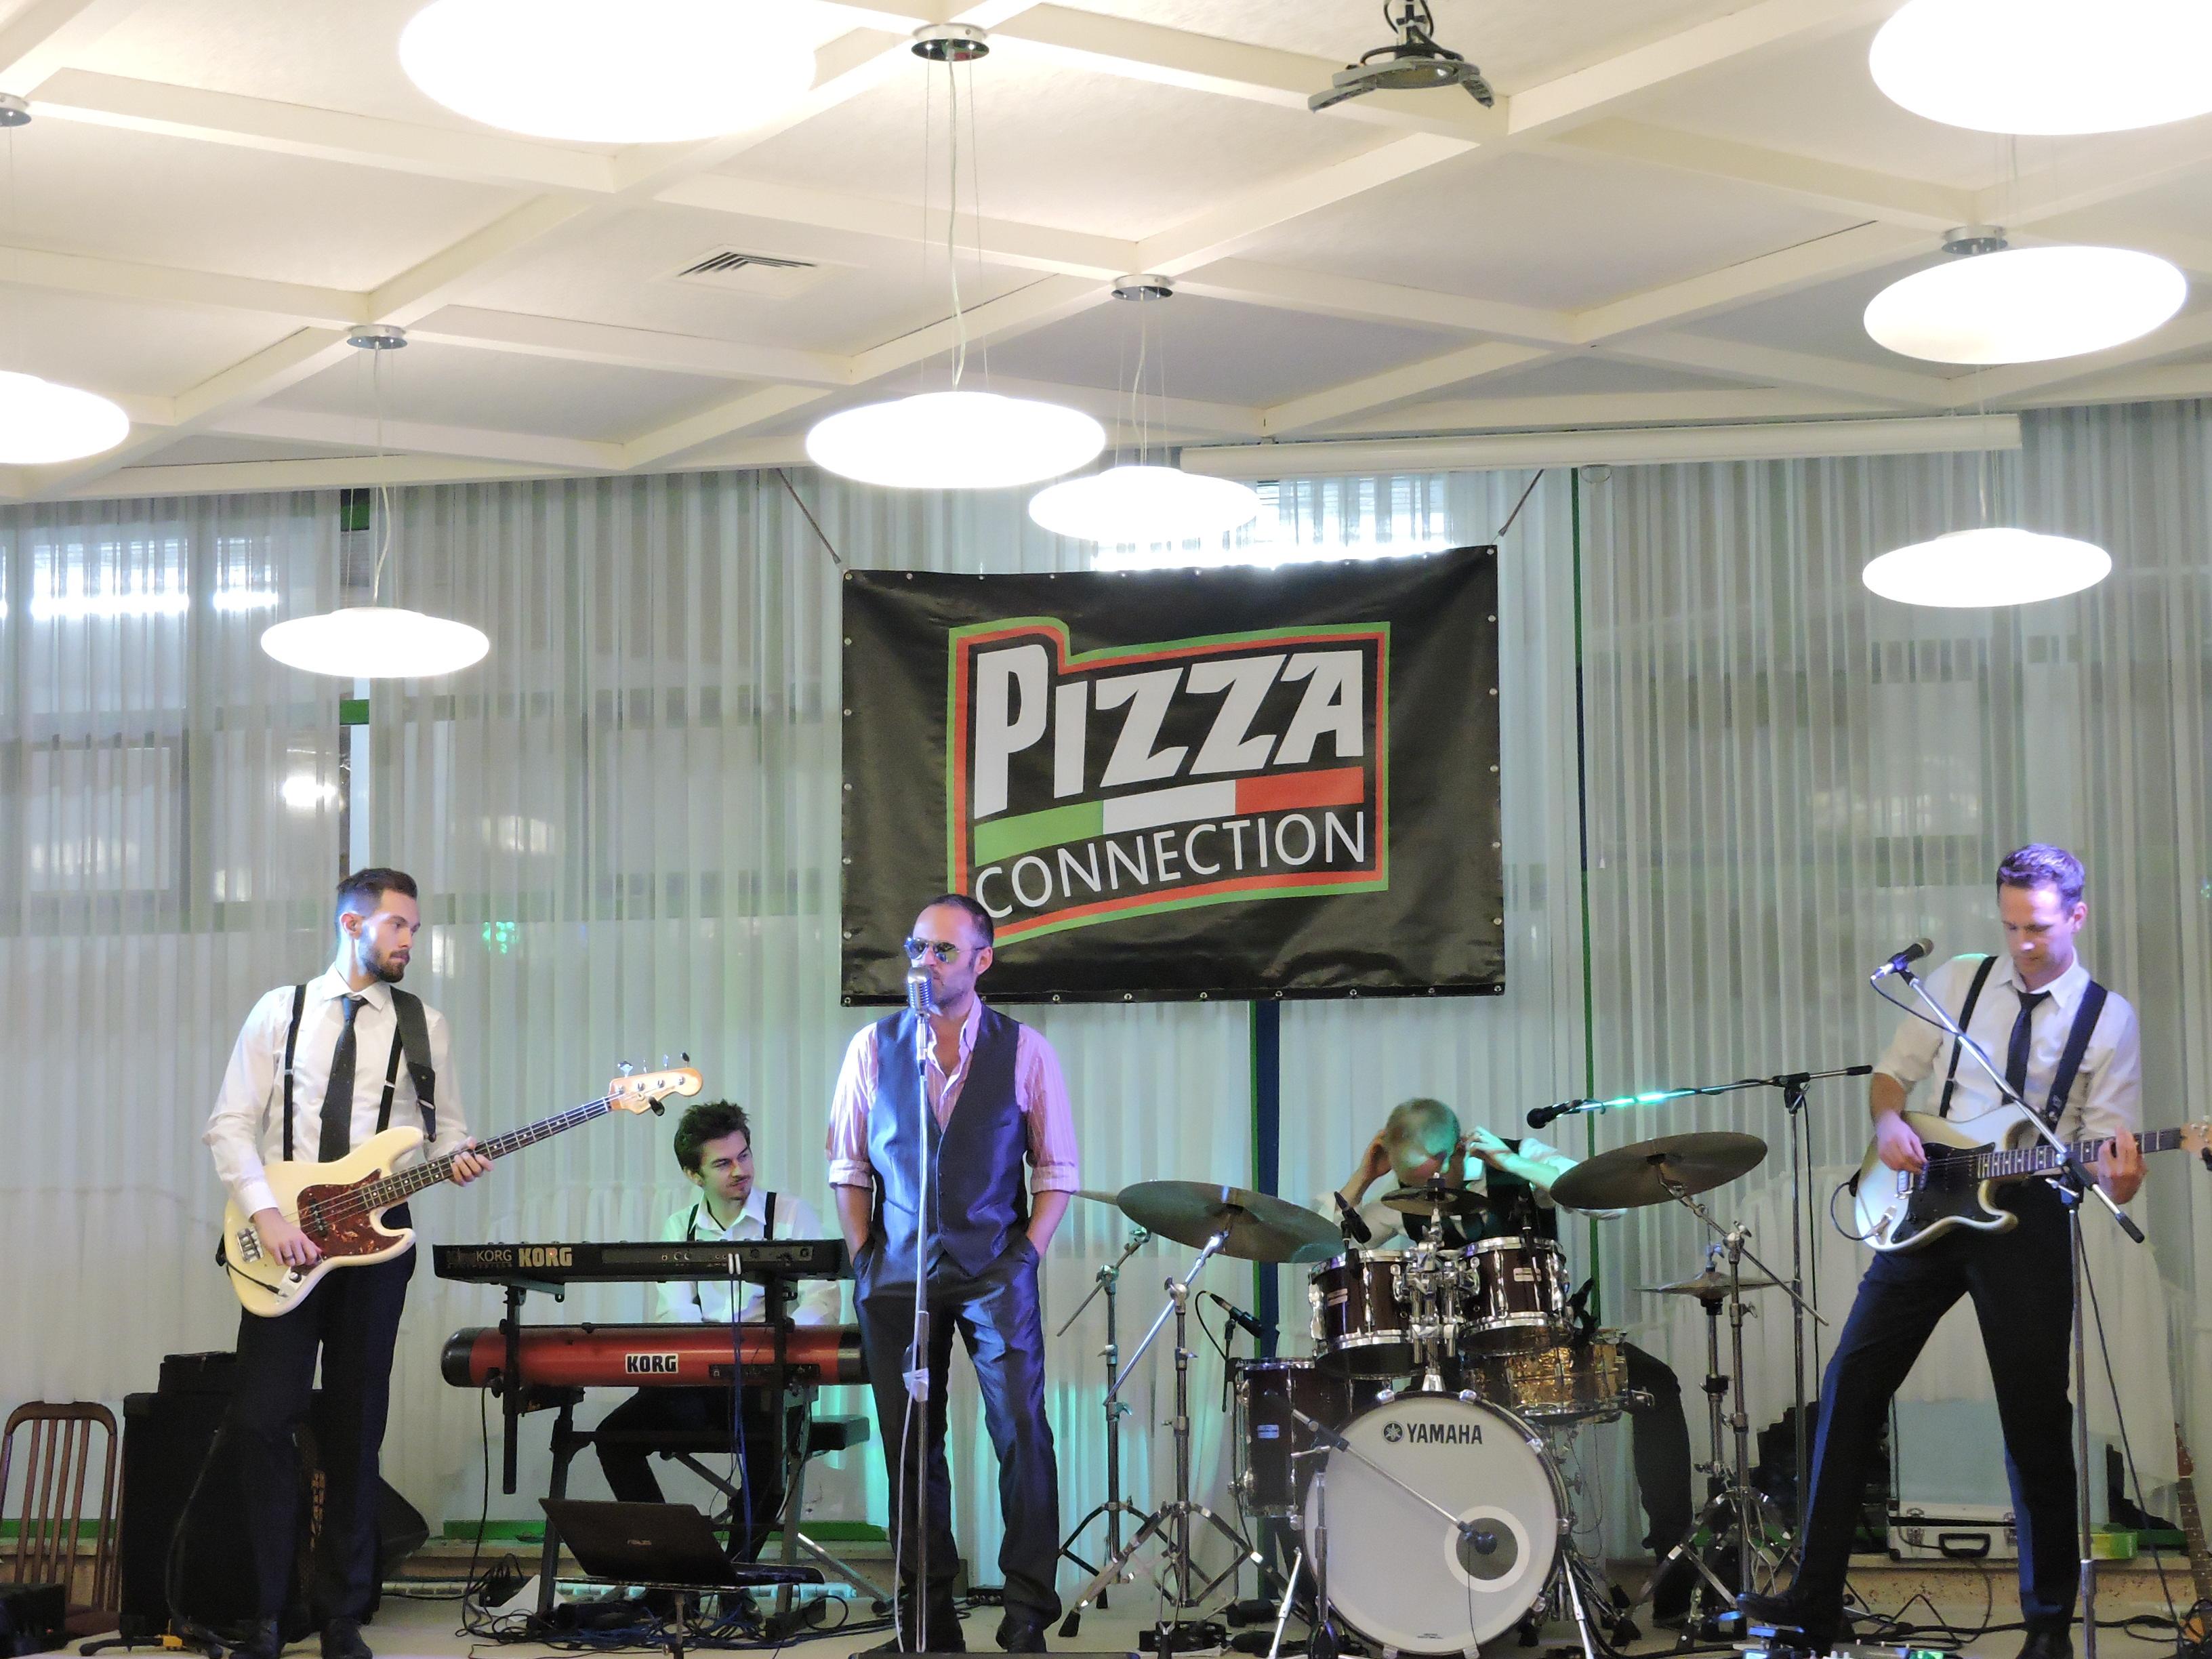 Il gruppo Pizza Connection suona e canta